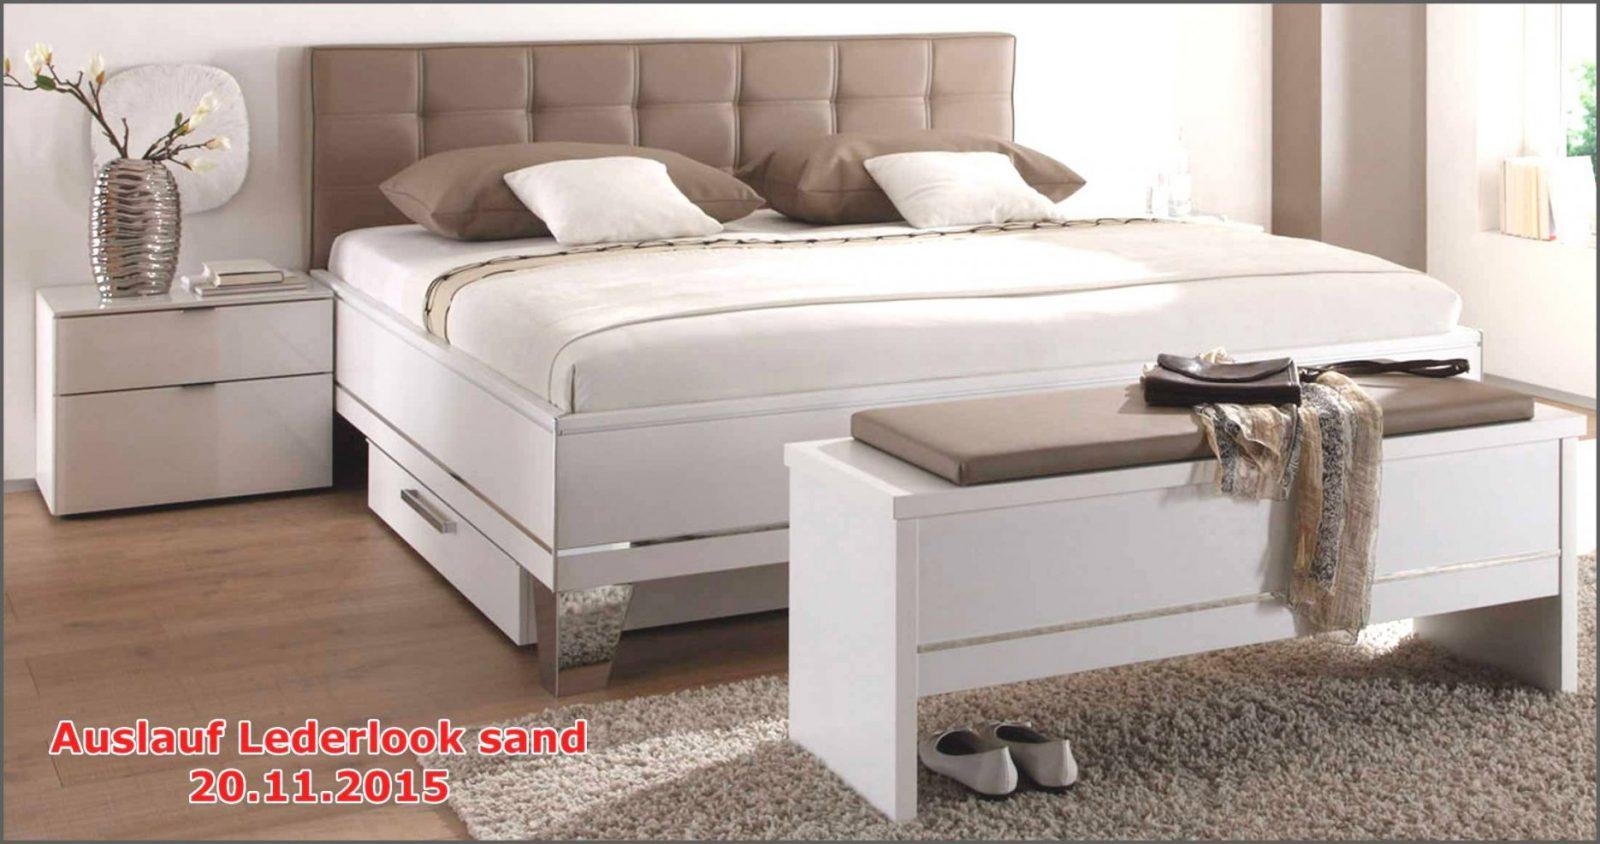 Bett In Komforthöhe Von Polsterbett 180X200 Mit Bettkasten von Polsterbett 180X200 Mit Bettkasten Komforthöhe Photo